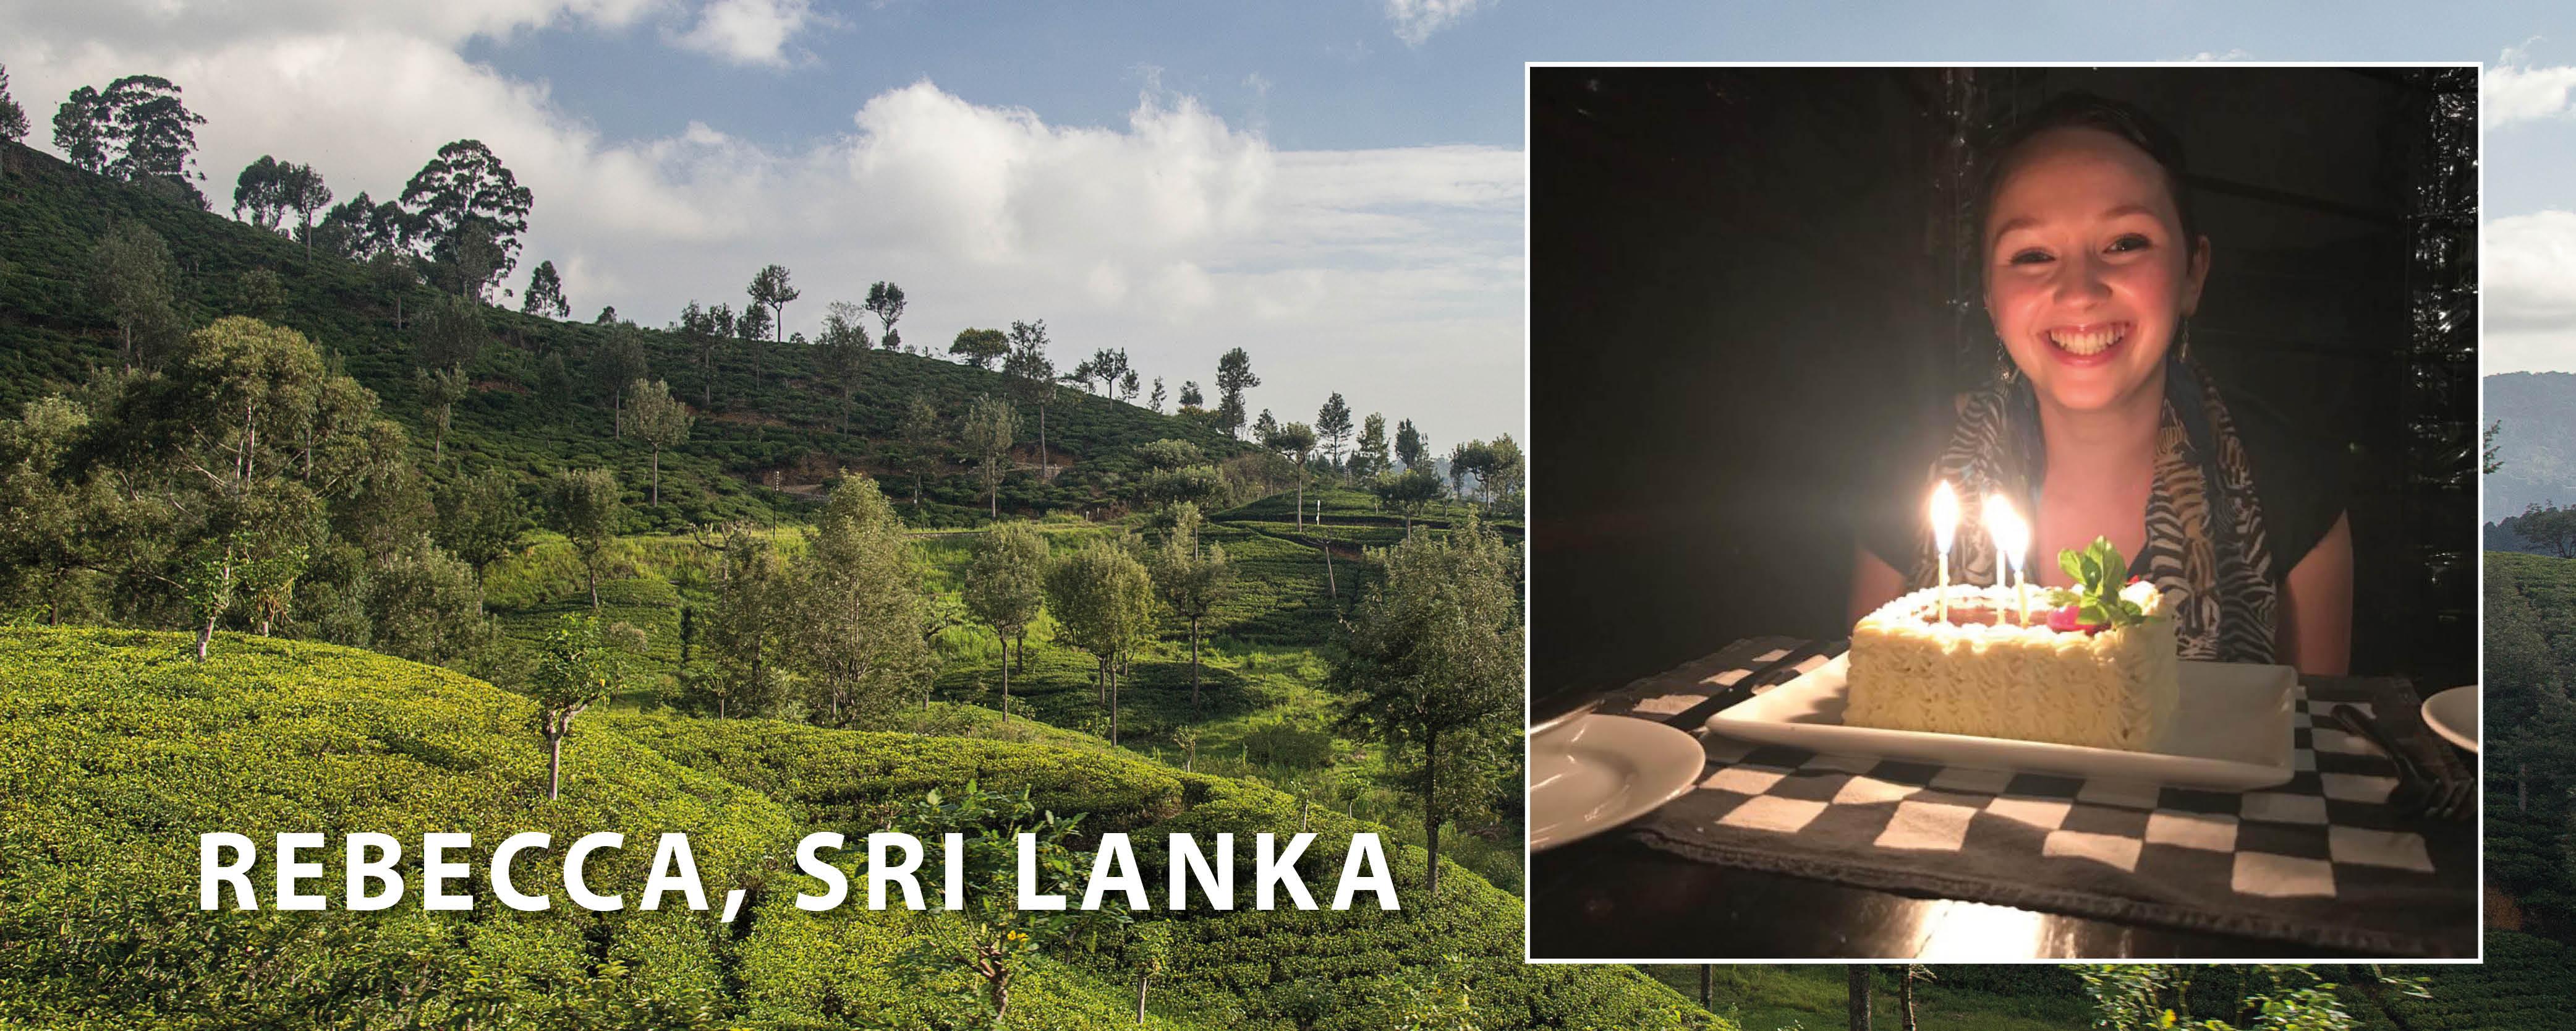 Rebecca Sri Lanka kindness